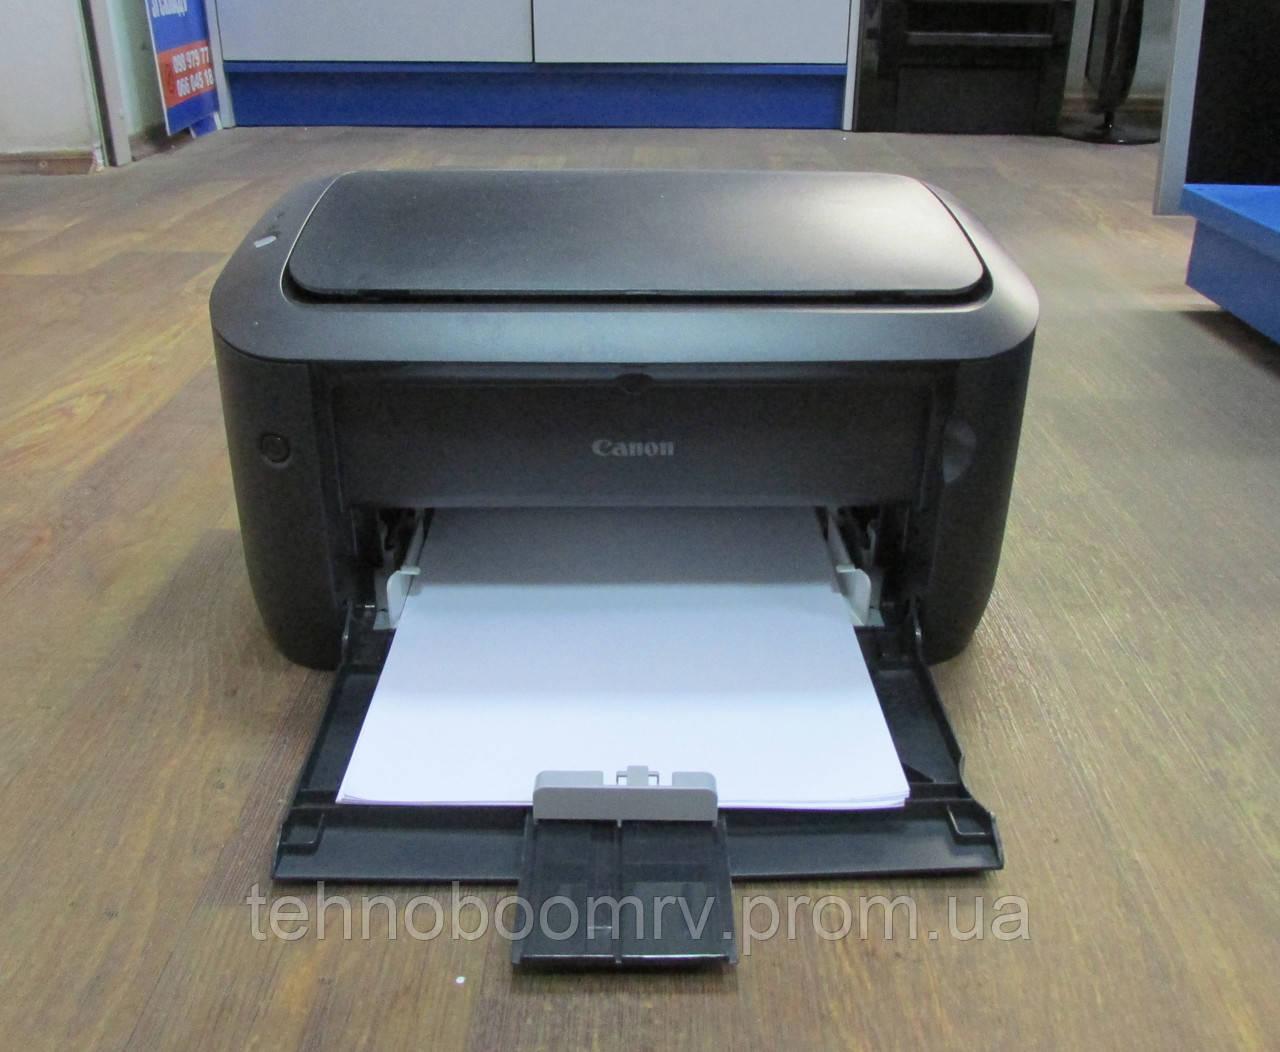 Лазерный принтер Canon i-SENSYS LBP6000B - ч/б 18стр/мин